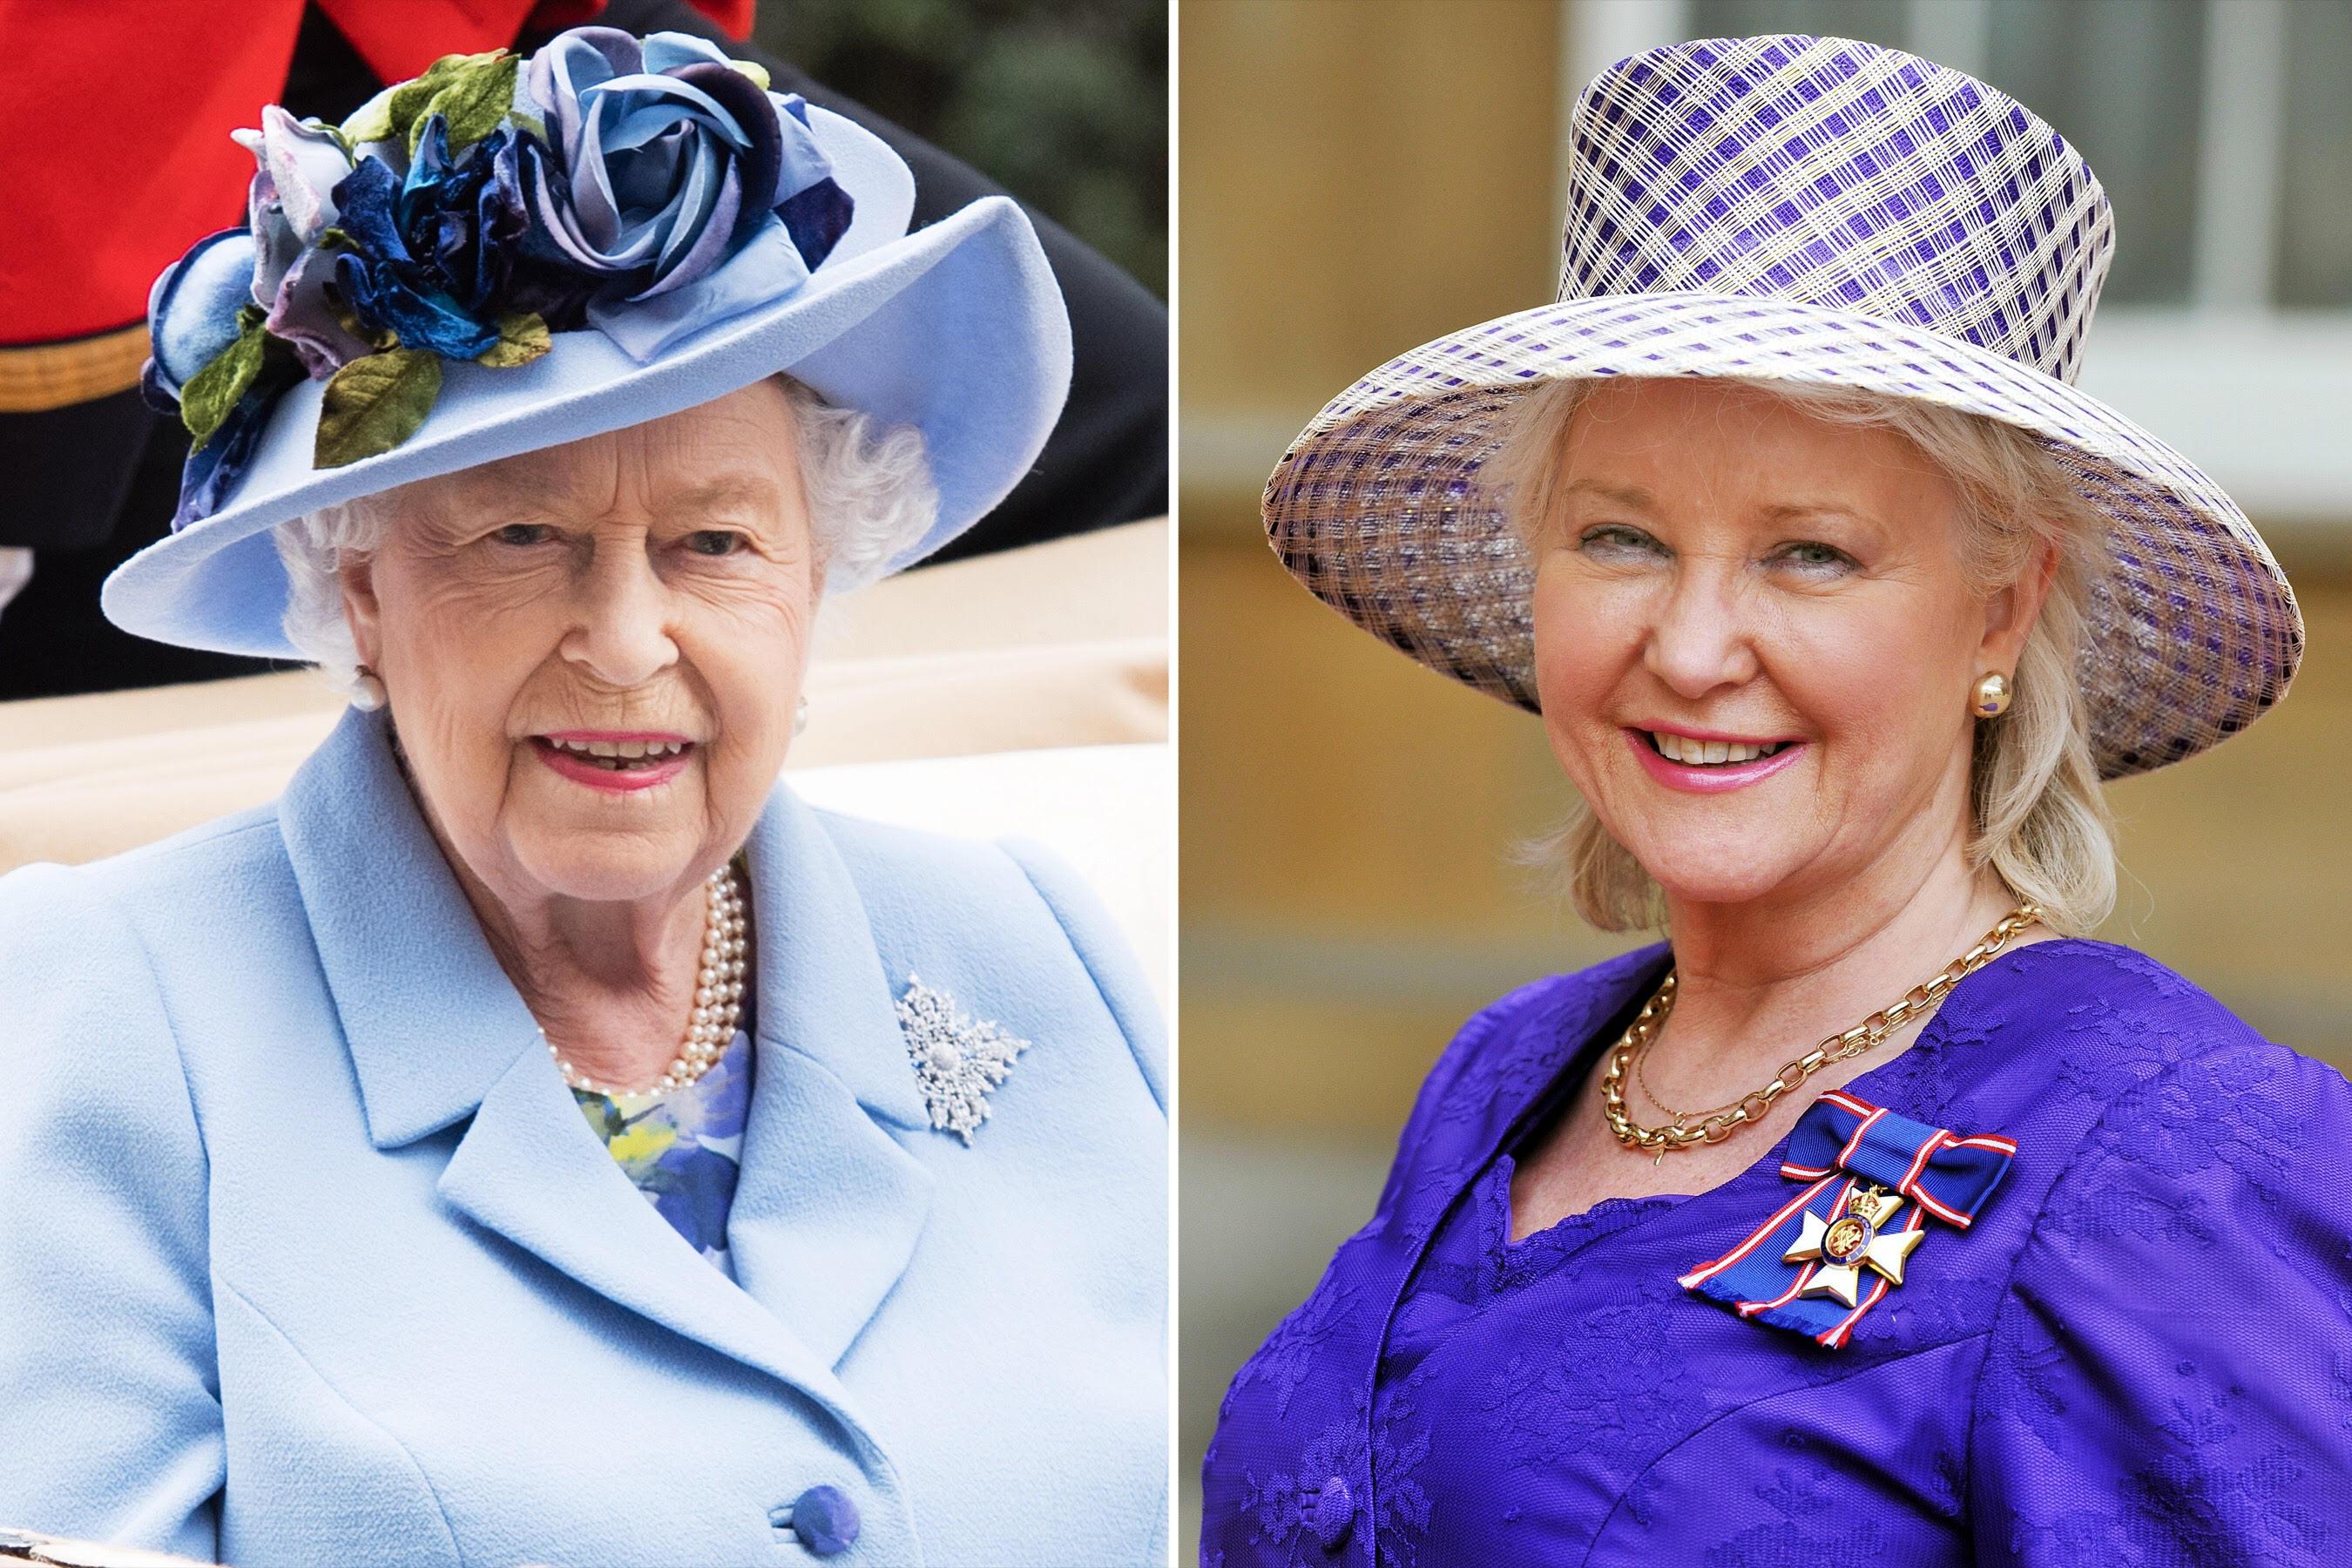 الملكة ومصممة أزياءها